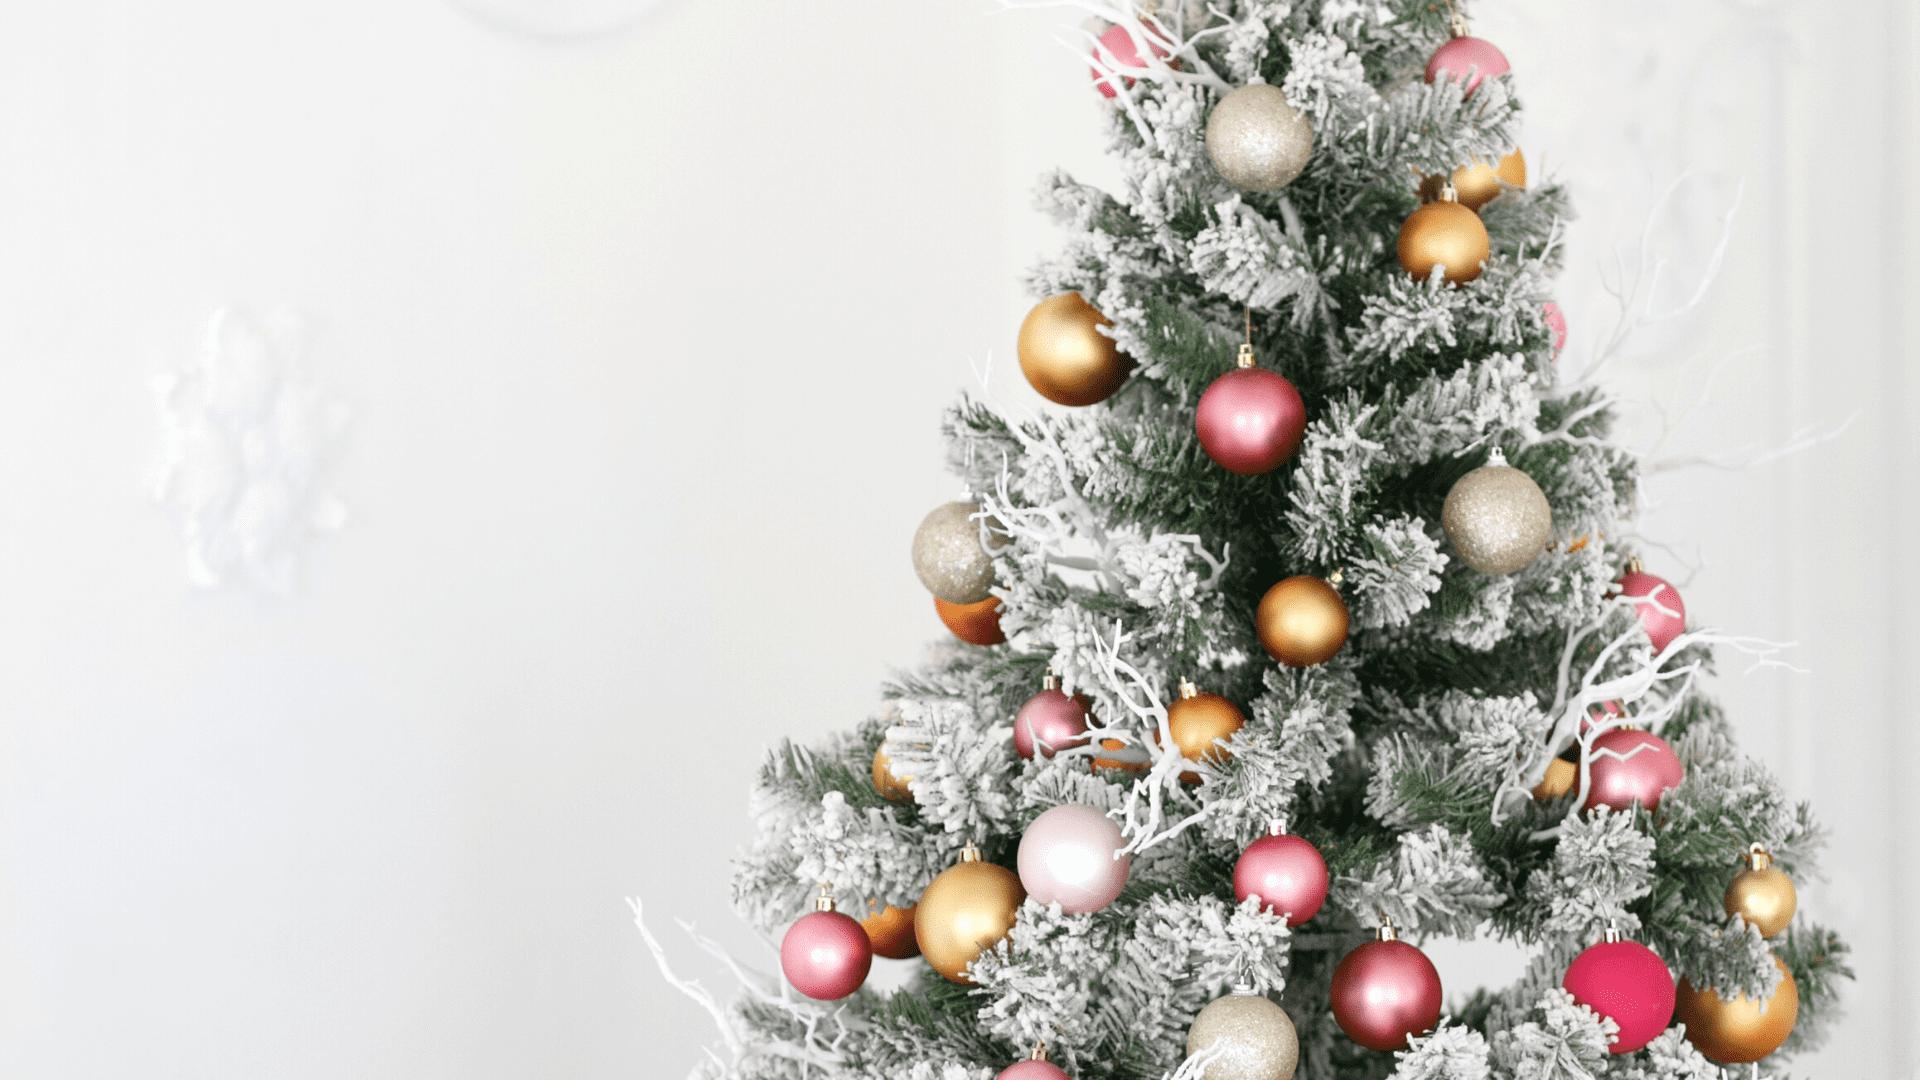 Árvore de Natal colorida (Imagem: Reprodução/Shutterstock)